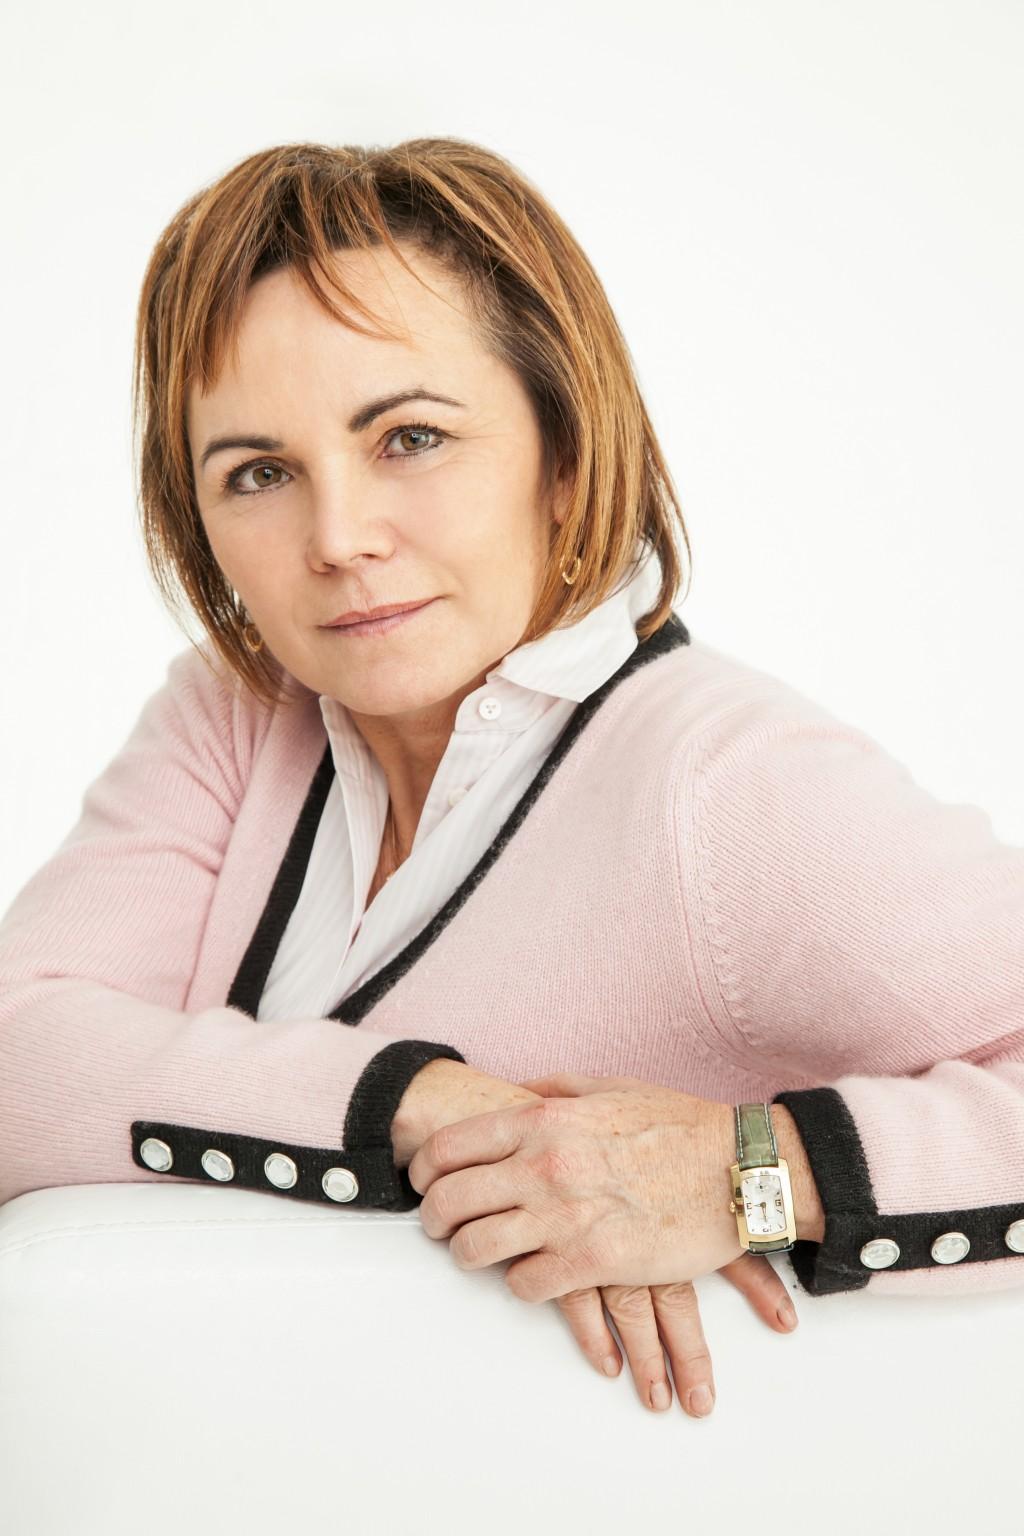 Geschäftsführerin der Arche Seniorenbetreuung Bonn - Benita Plingen